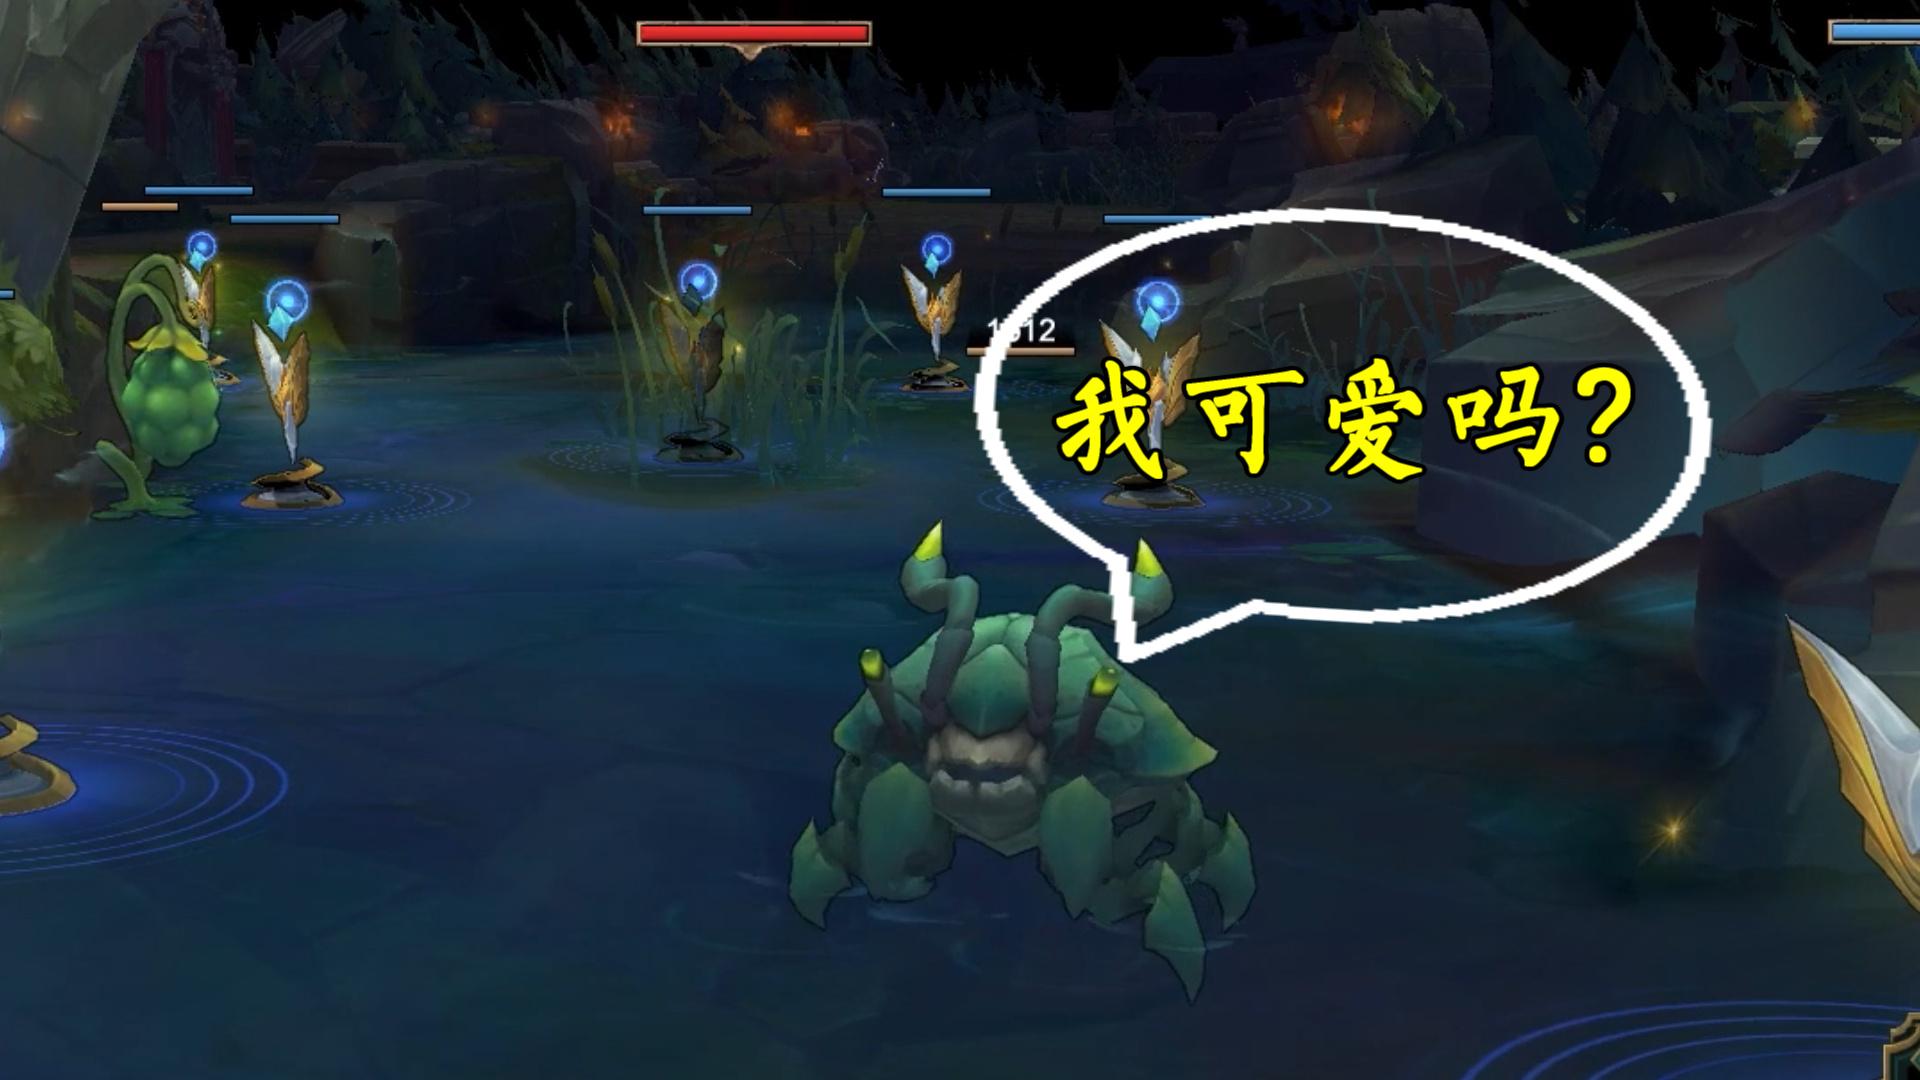 英雄联盟:用3d视角看河蟹,才发现原来这么可爱!